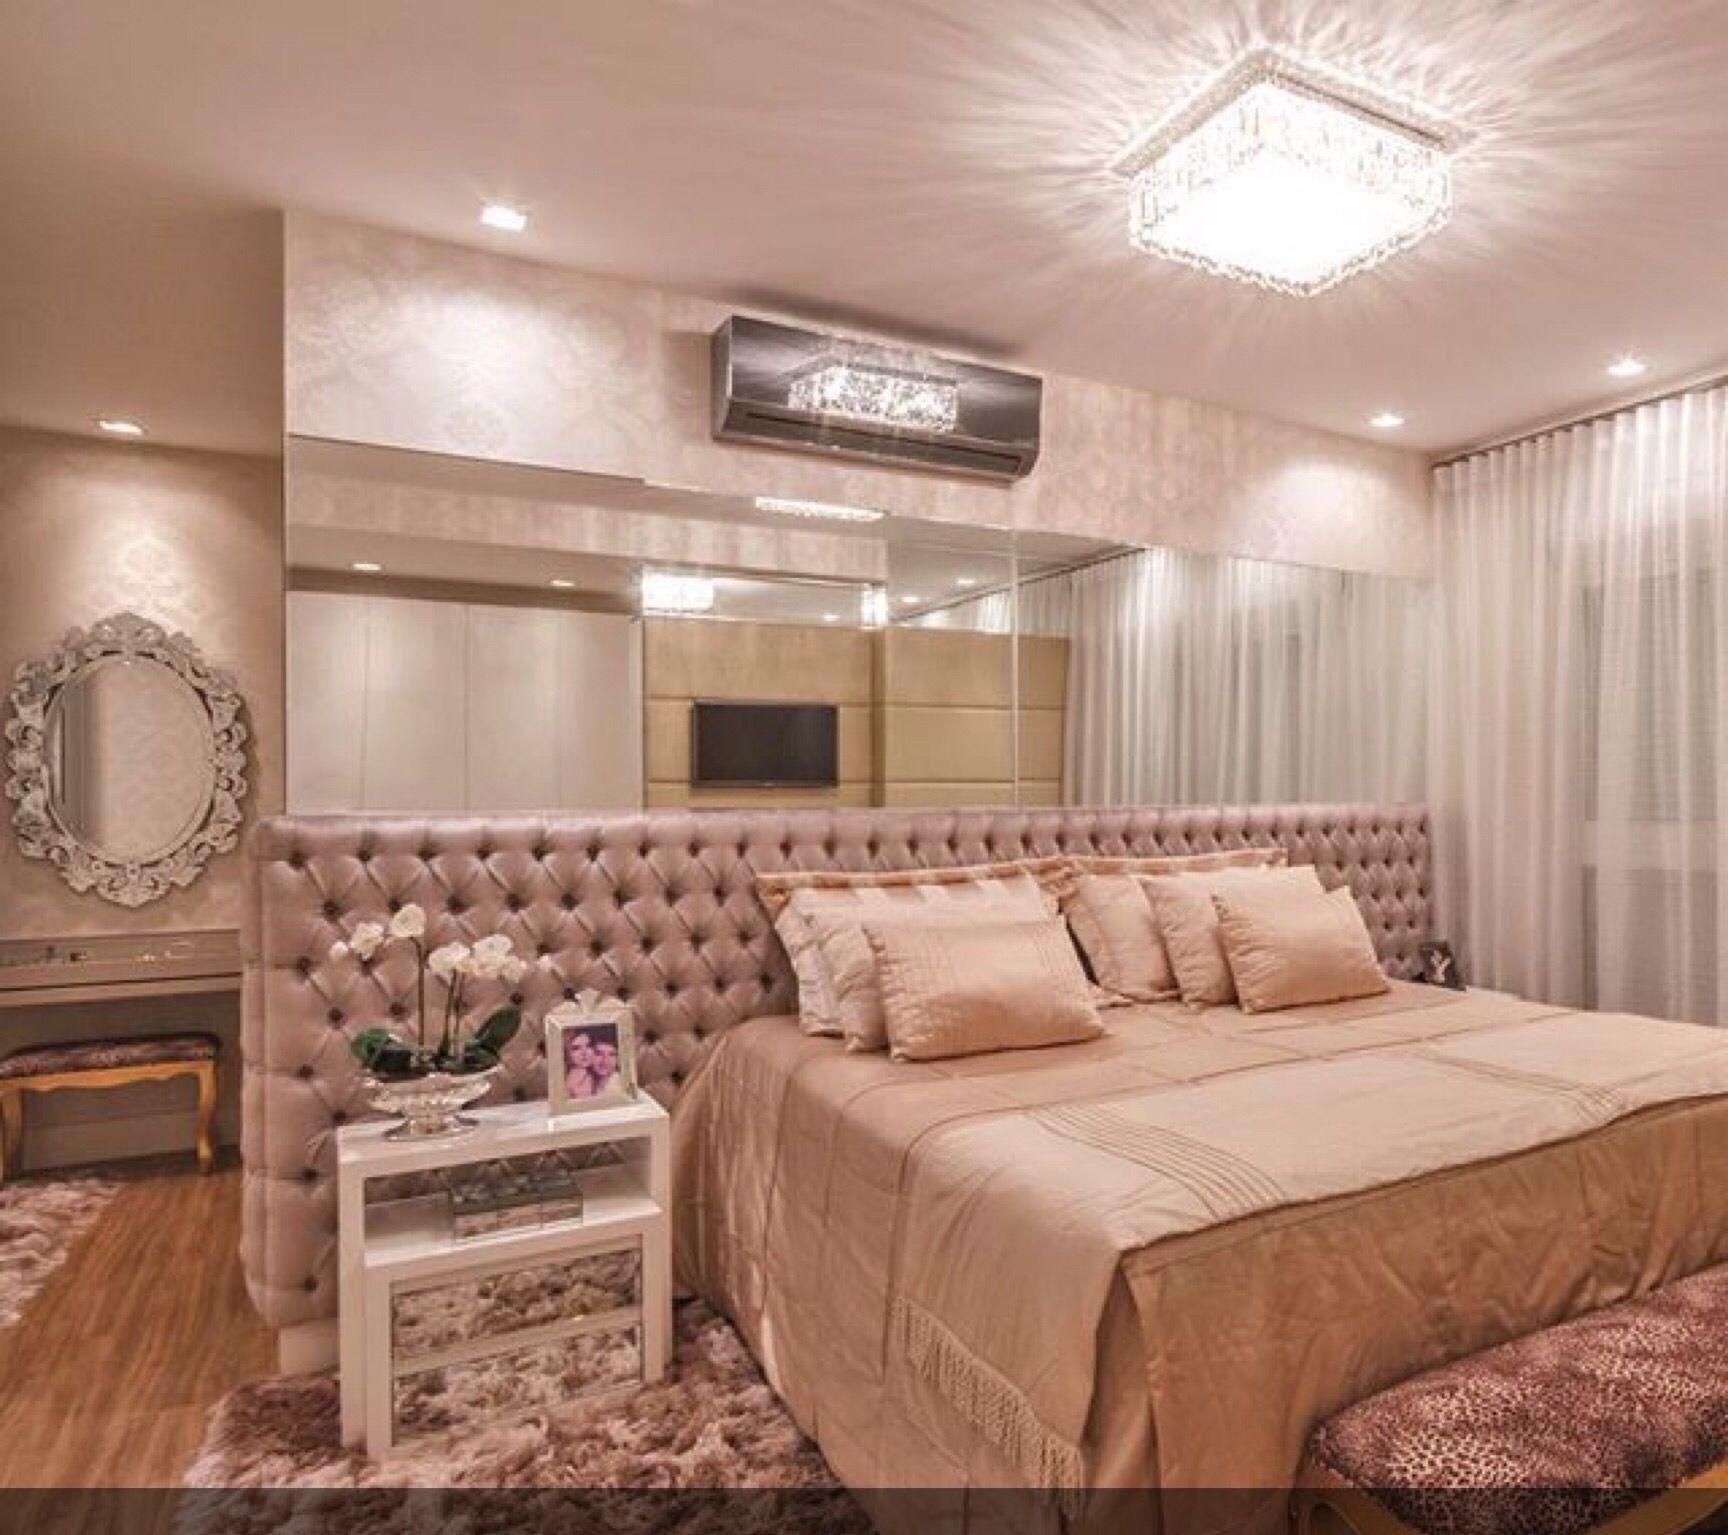 Apartamento Com Decora O Neutra E Toques De Dourado Maravilhoso  ~ Decoração De Quarto De Casal Luxo